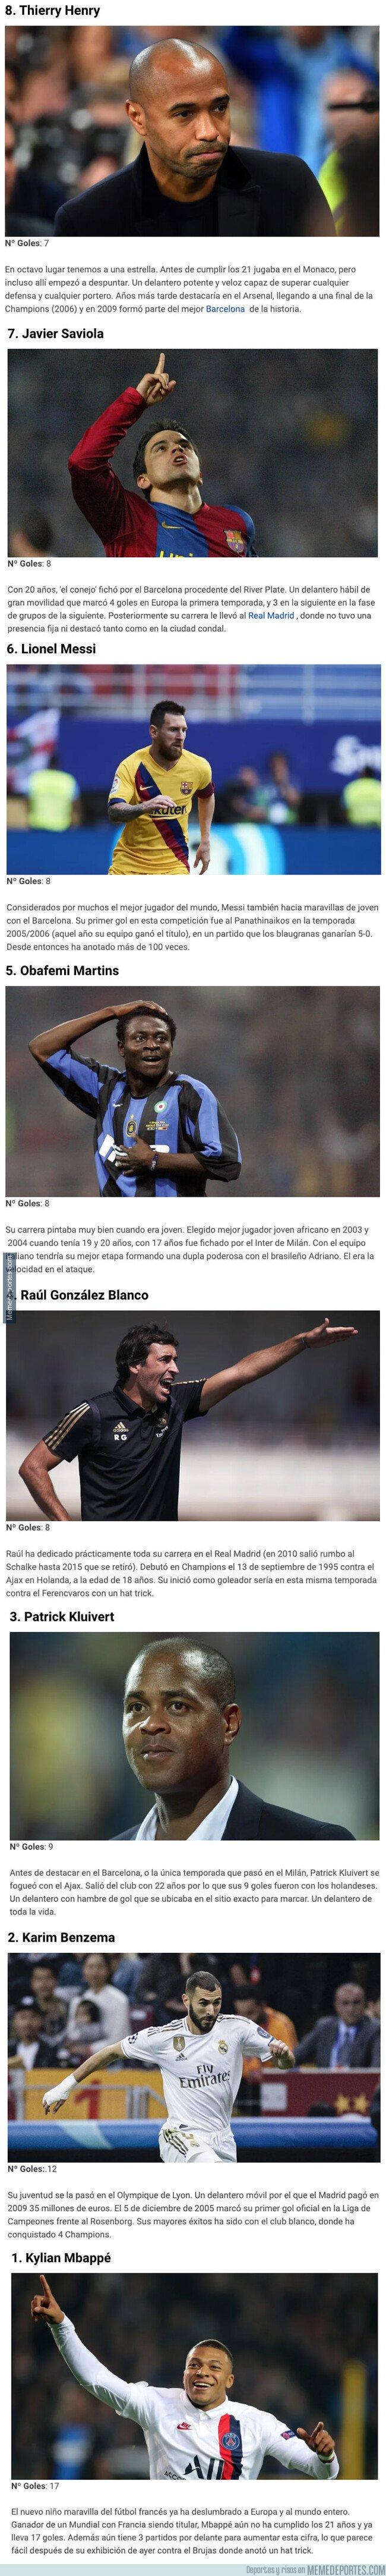 1089087 - Los 8 máximos goleadores de la Champions con menos de 21 años